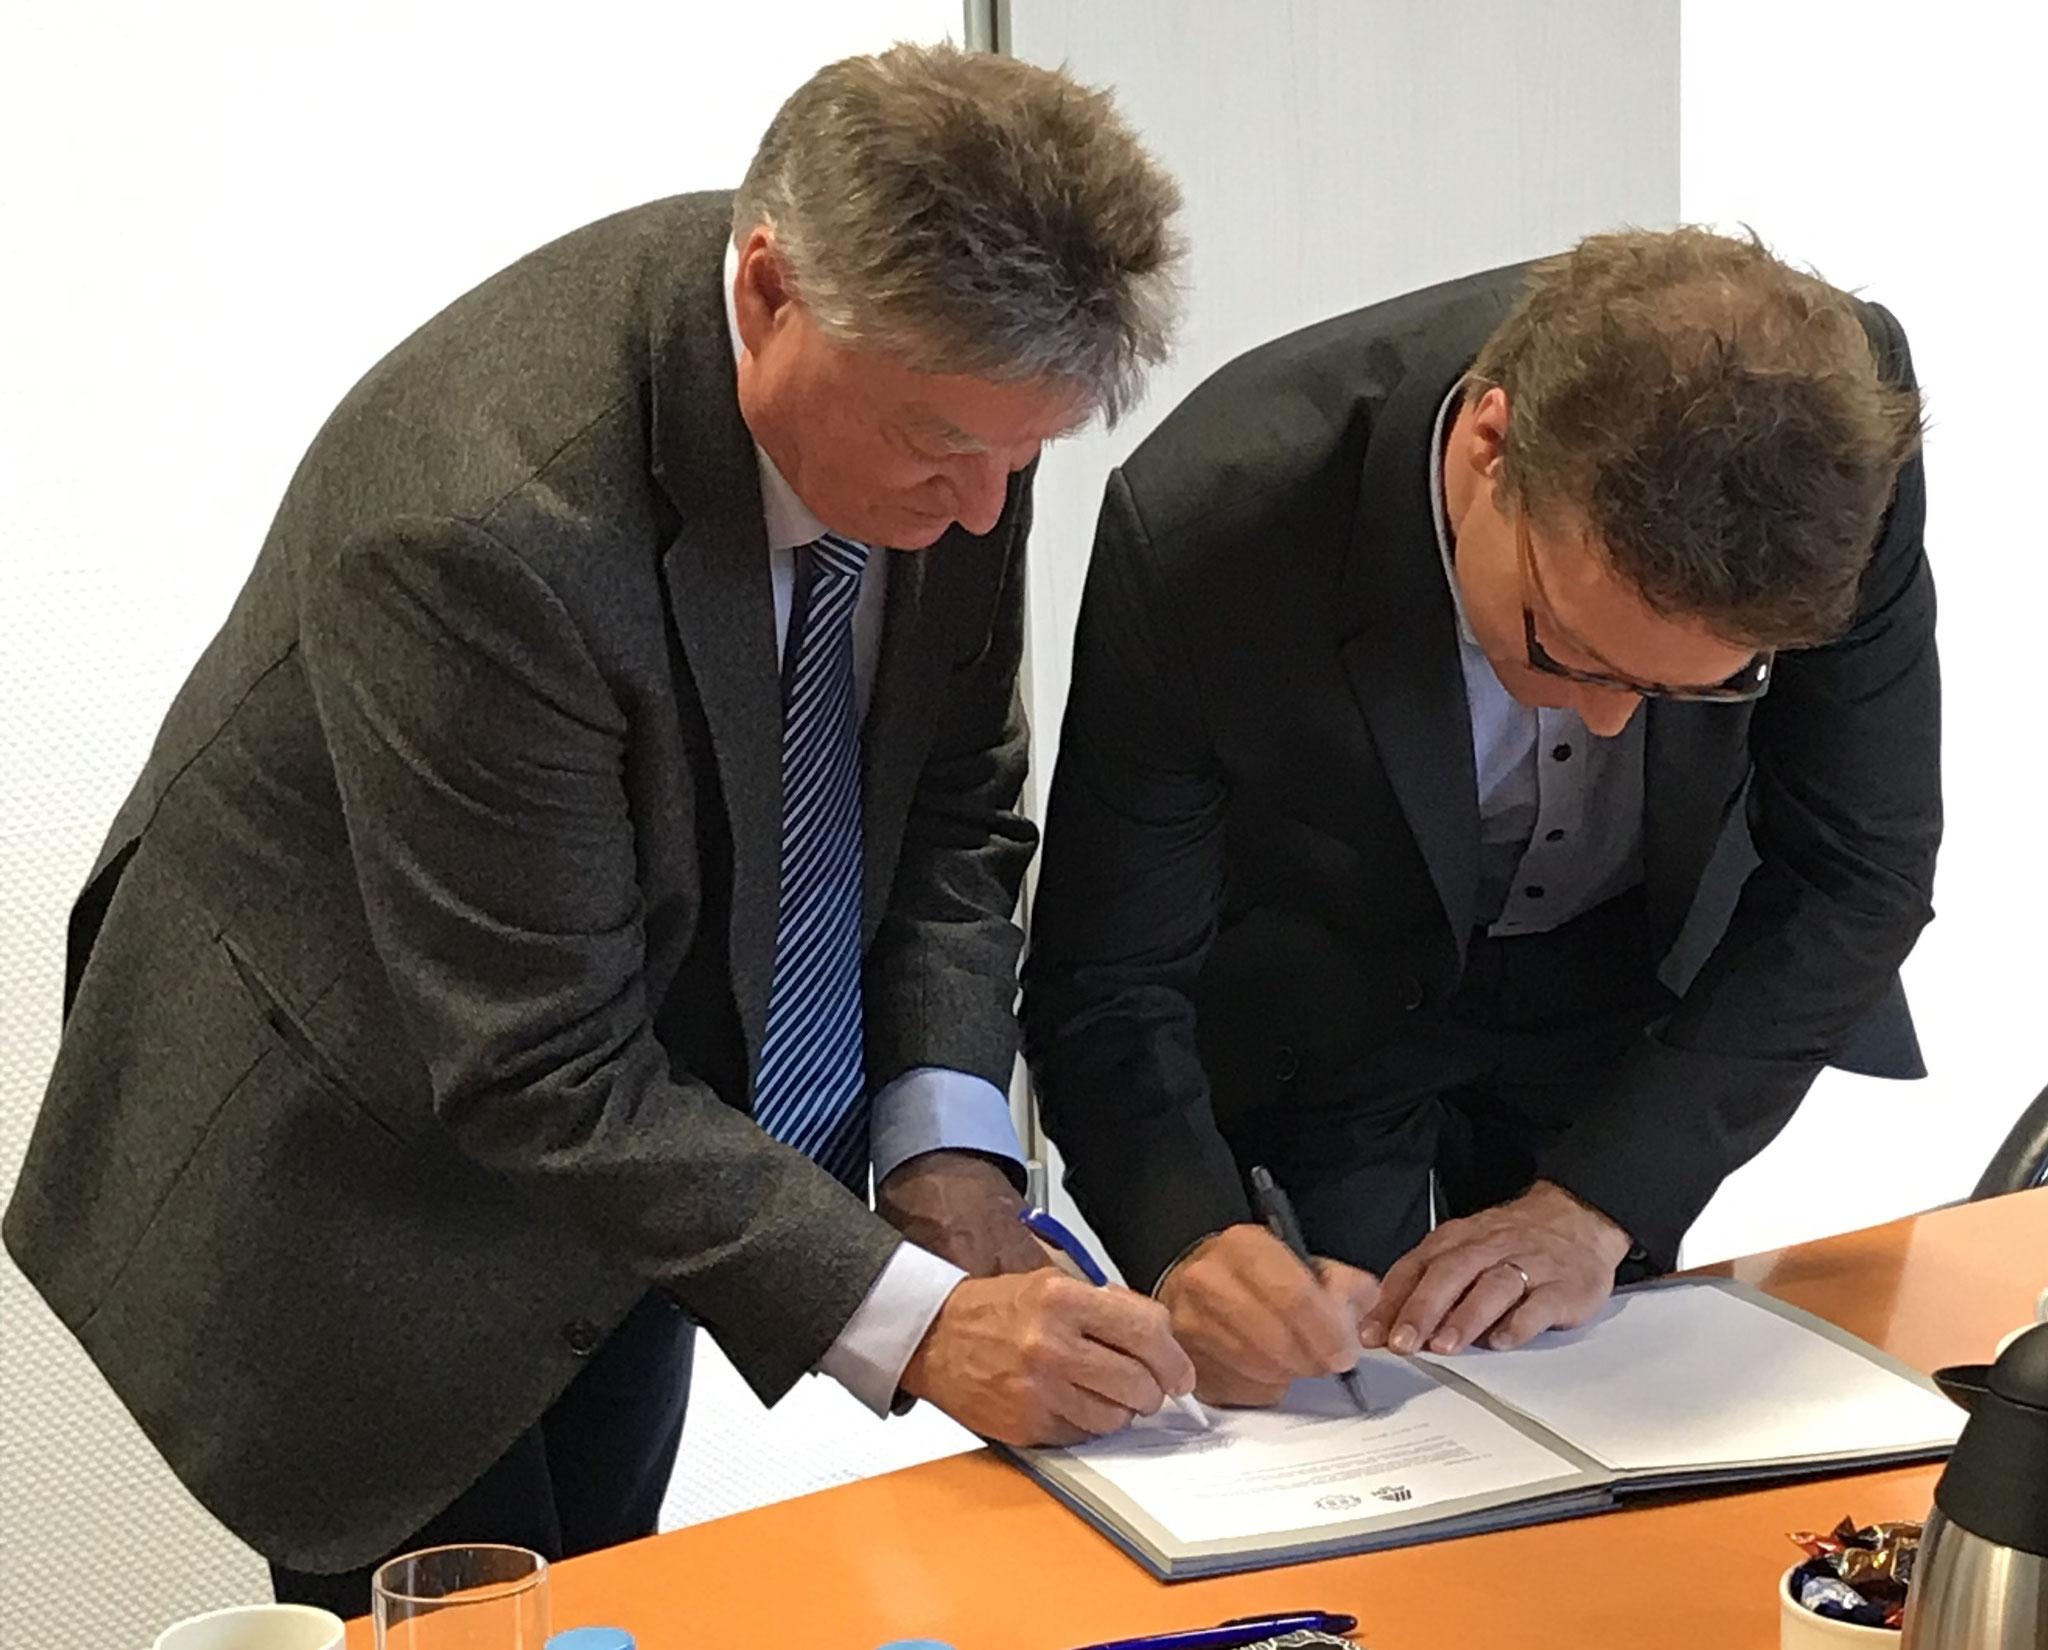 Herr Simmer (Schulleiter KBBZ Saarlouis) und Herr Schlaegel (Leiter Beschaffung und Verwaltung der ALDI SÜD Regionalgesellschaft Bous) unterzeichnen die Kooperationsvereinbarung